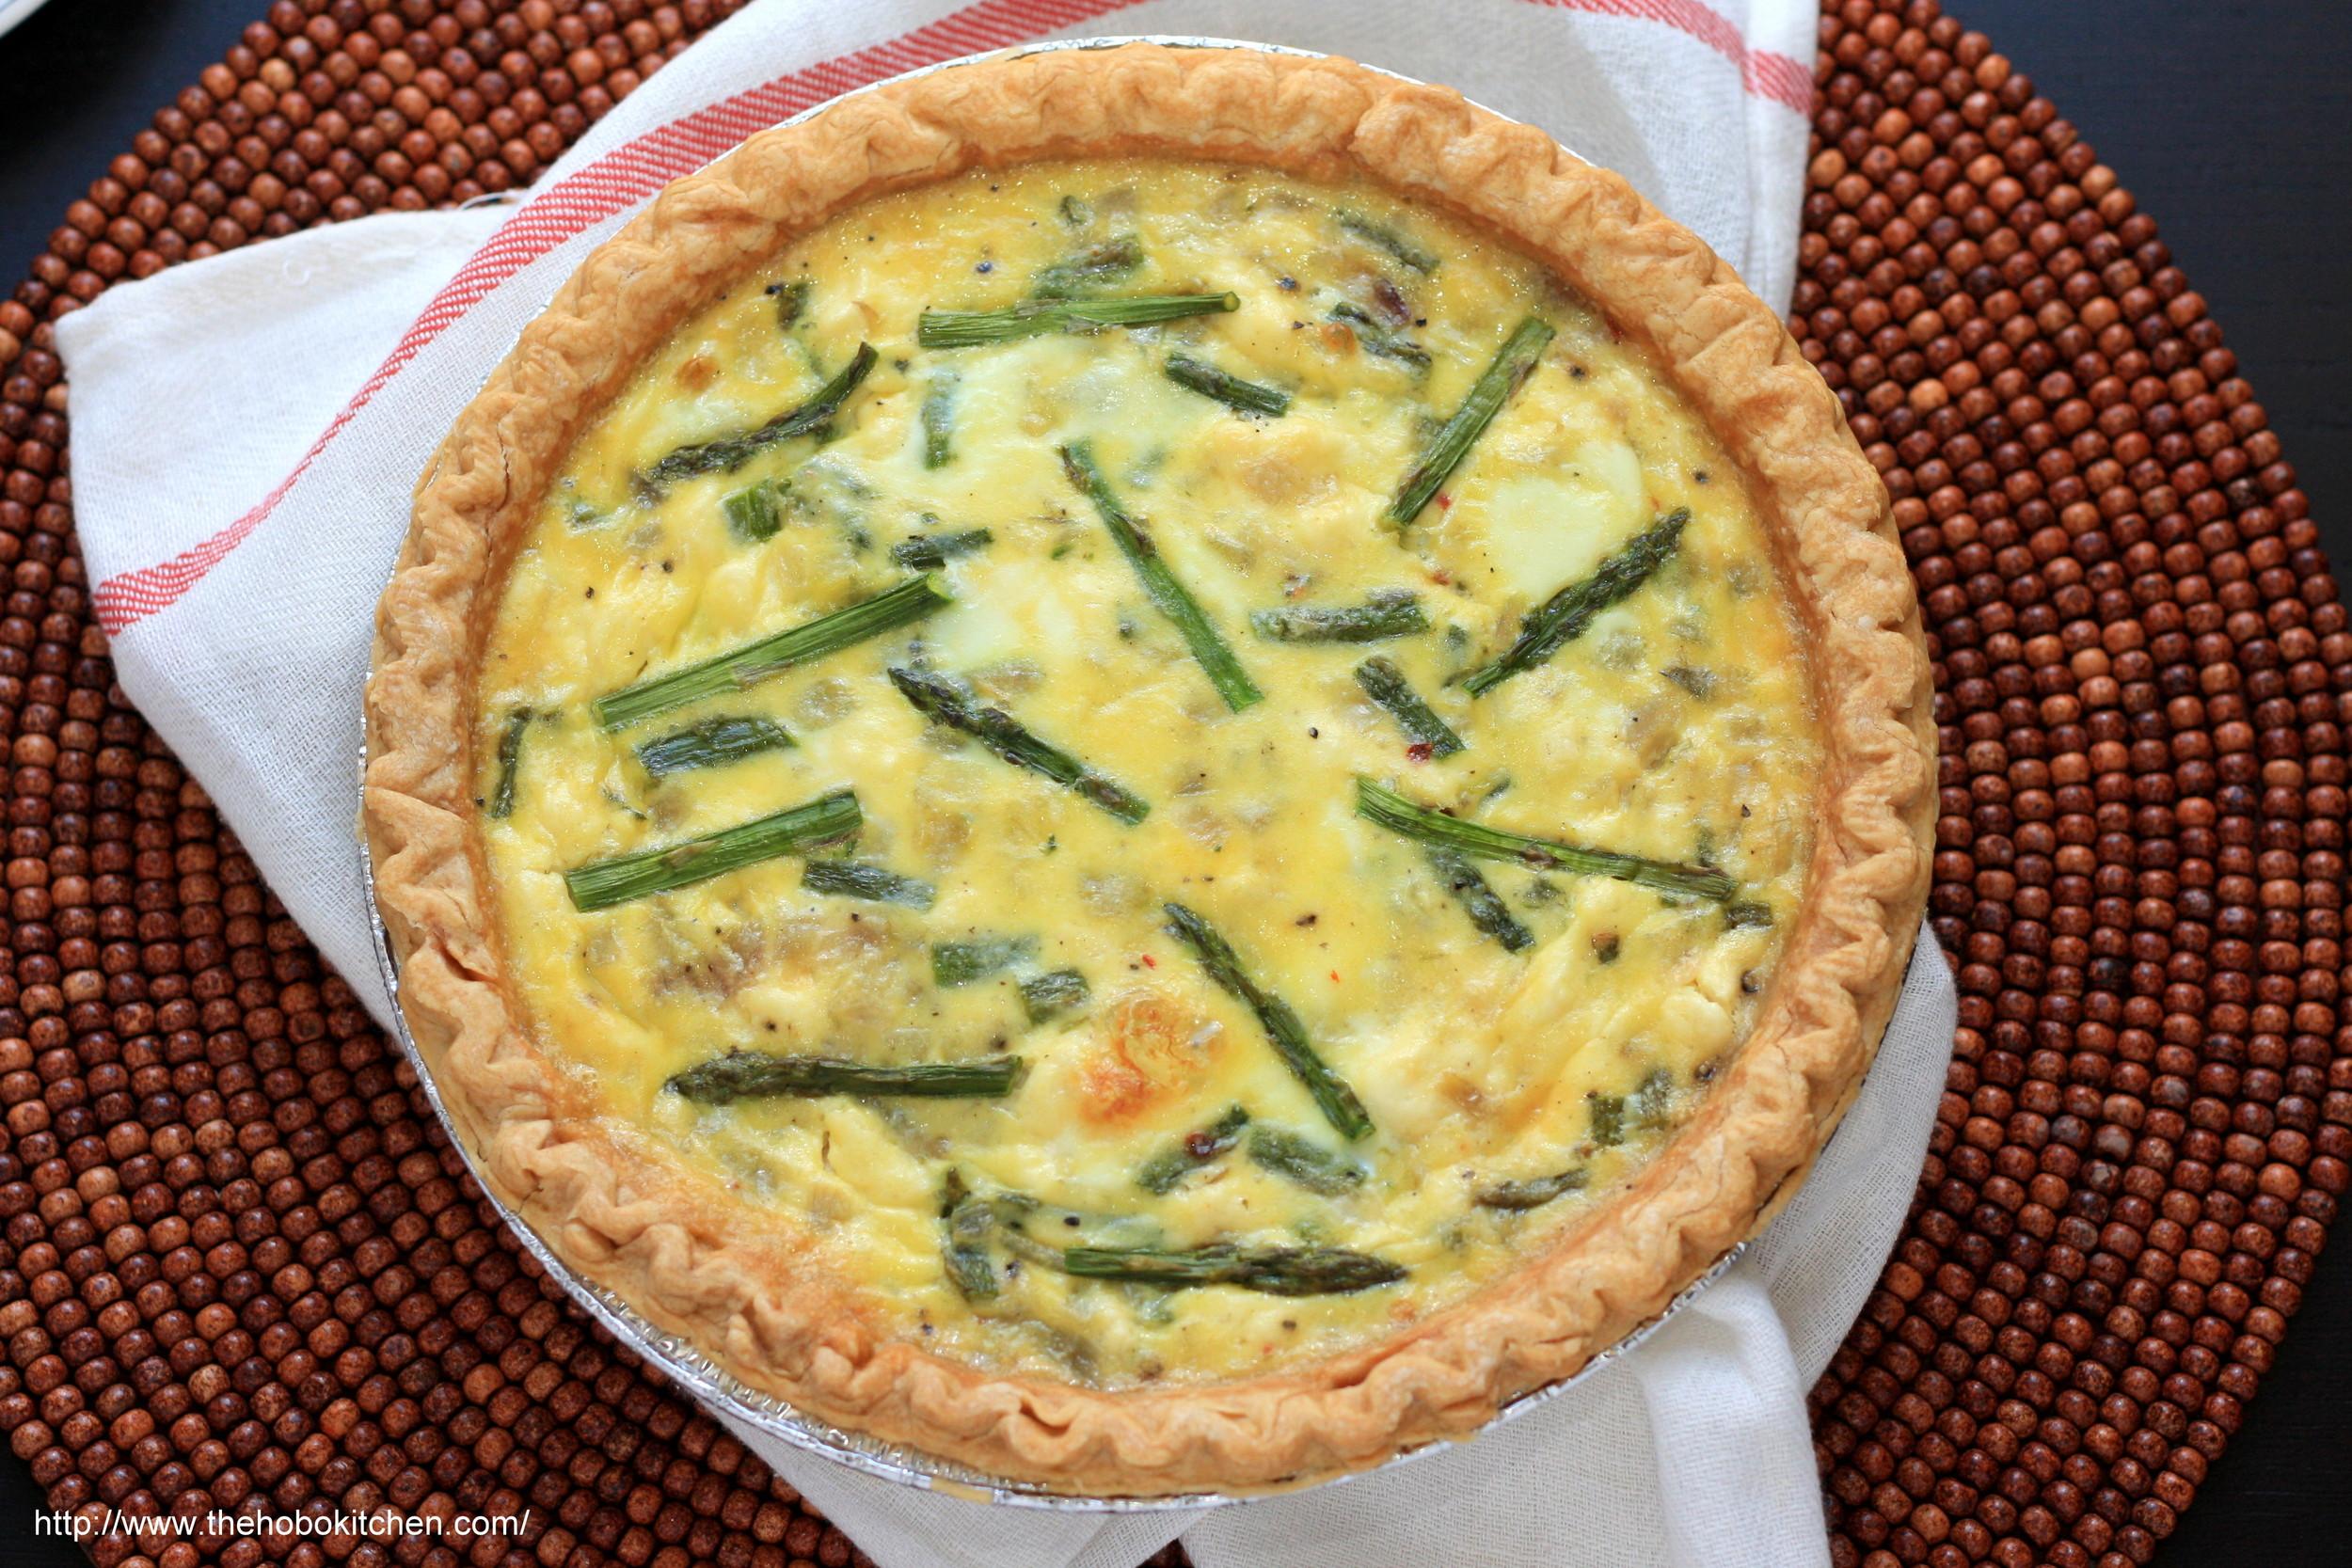 asparagus goat cheese quiche1-text.jpg